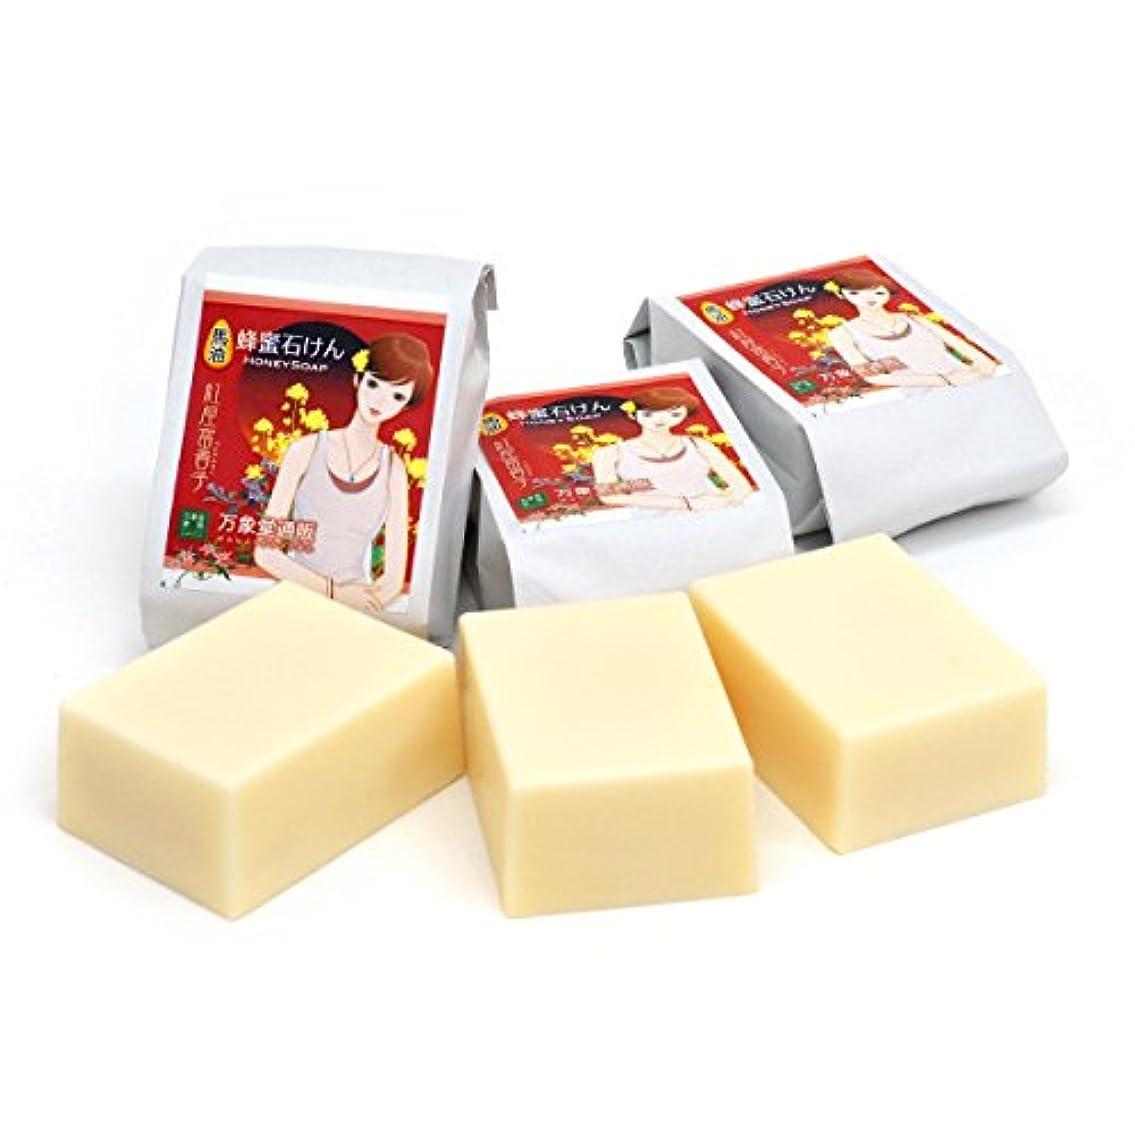 森羅万象堂 馬油石鹸 90g×3個 (国産)熊本県産 国産蜂蜜配合